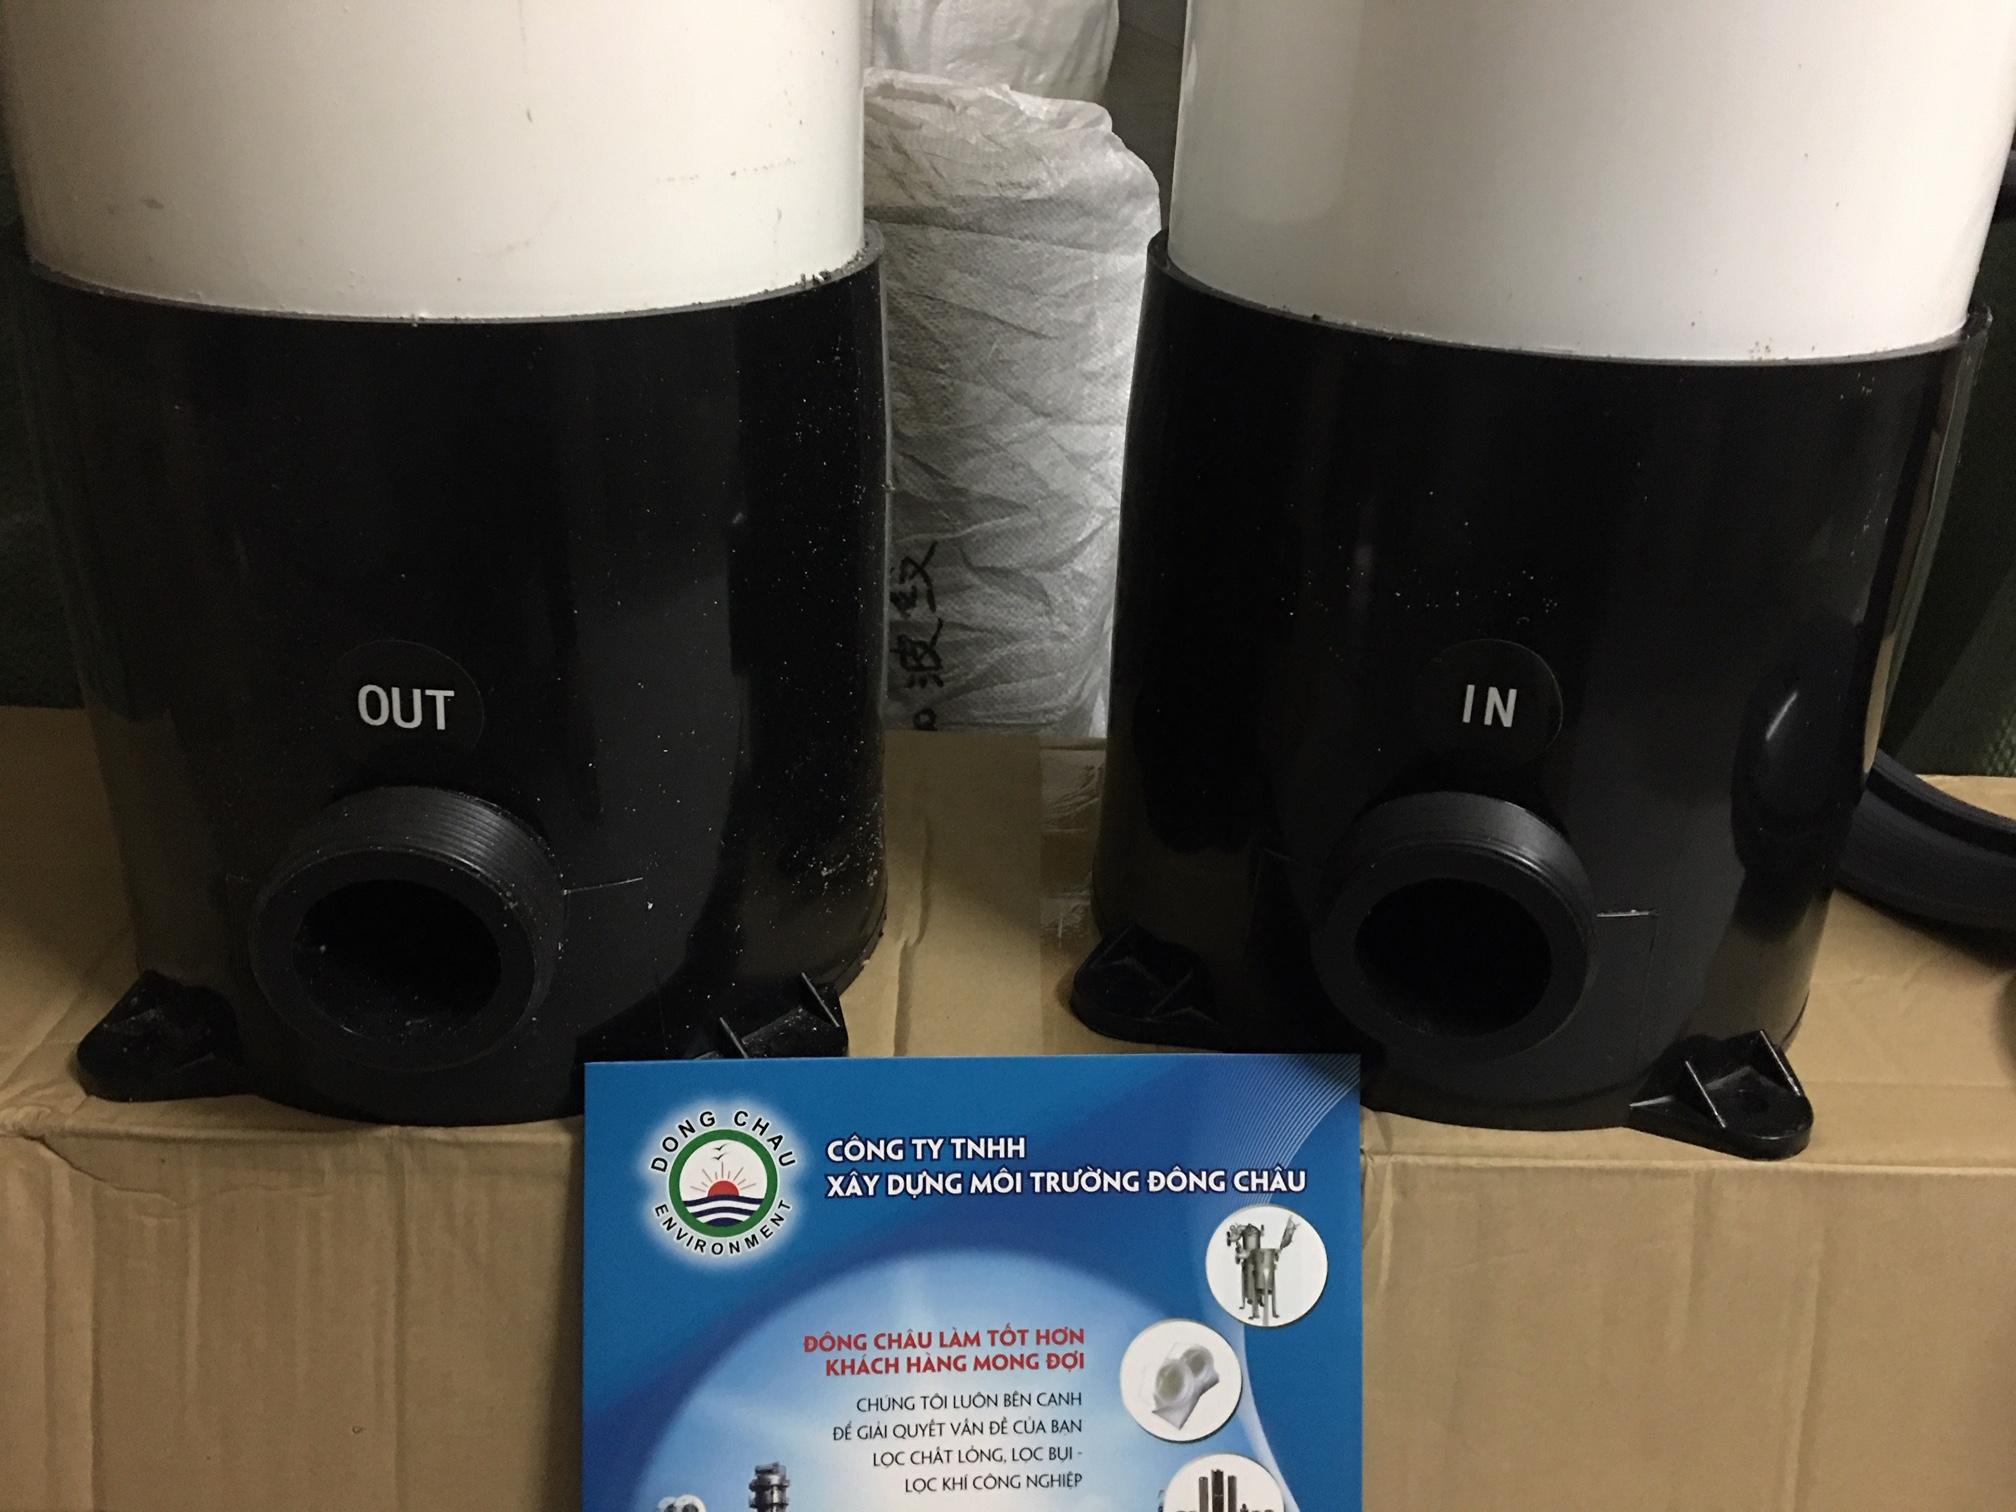 Bình nhựa lọc nước công nghiệp uPVC 5 lõi 20 inch